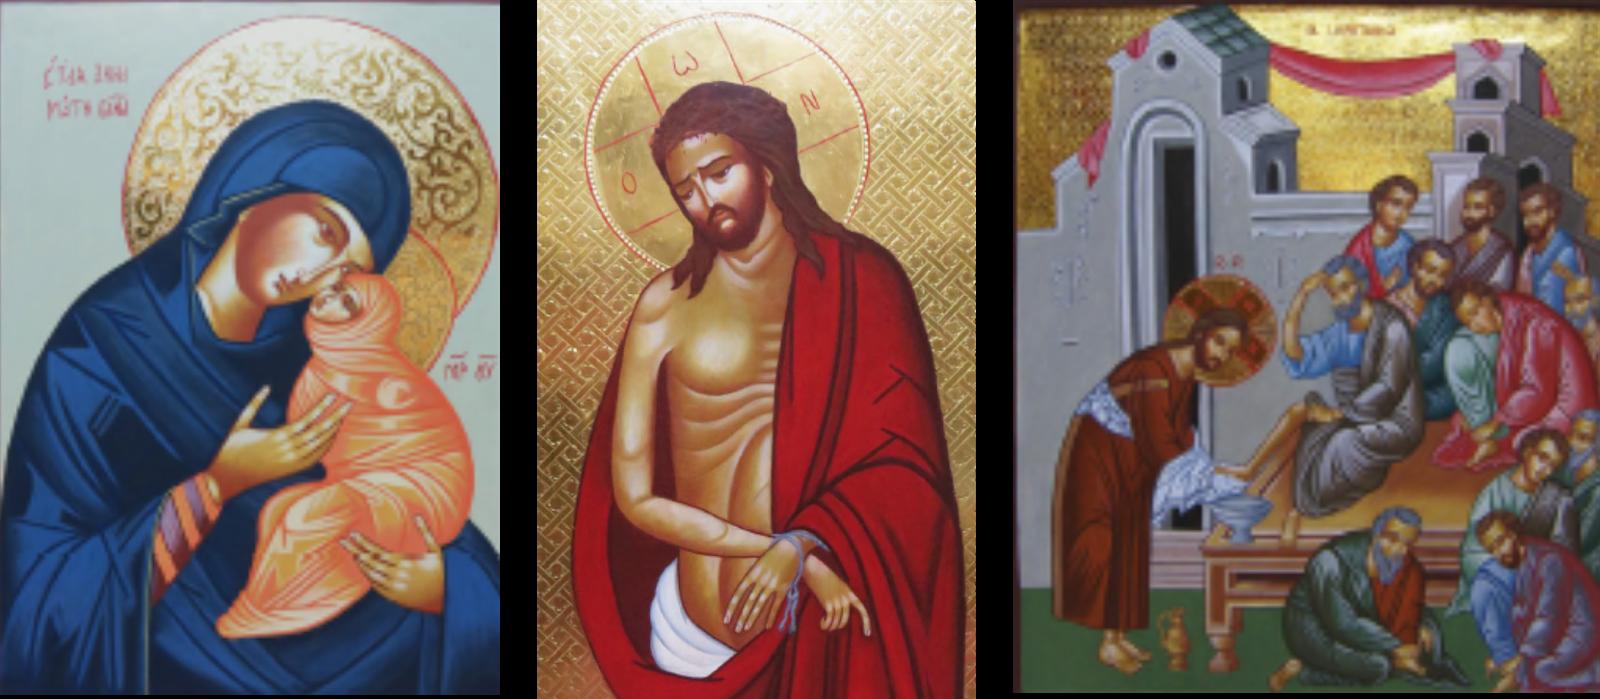 Exposición de Iconos Ortodoxos en El Toboso